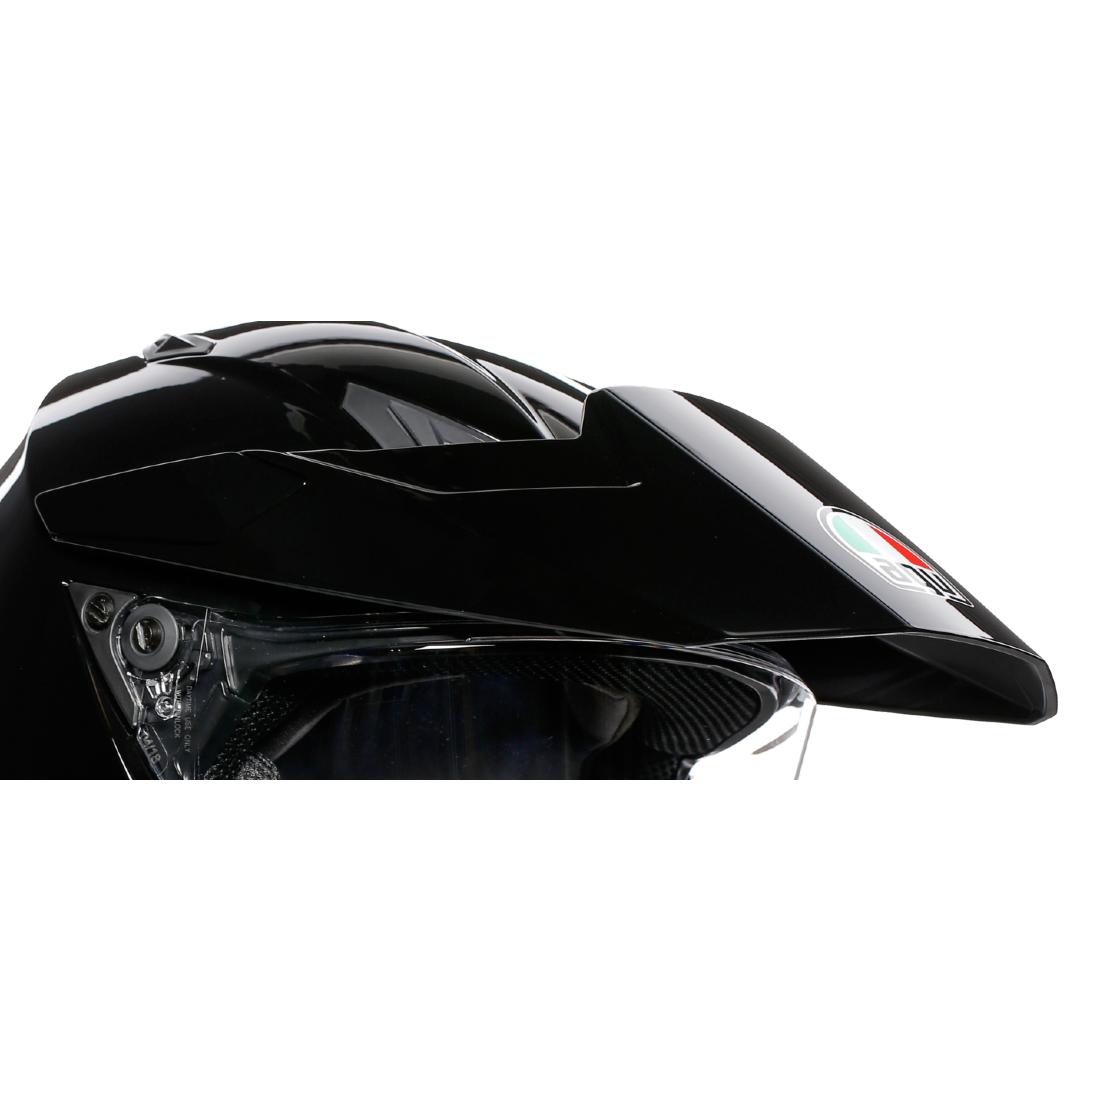 AGV(エージーブイ) ヘルメットパーツ バイザー AX9用 KIT PEAK + COVER + SCR AX9 (ピーク・カバー・スクリューセット) ブラック KIT76324-003-N